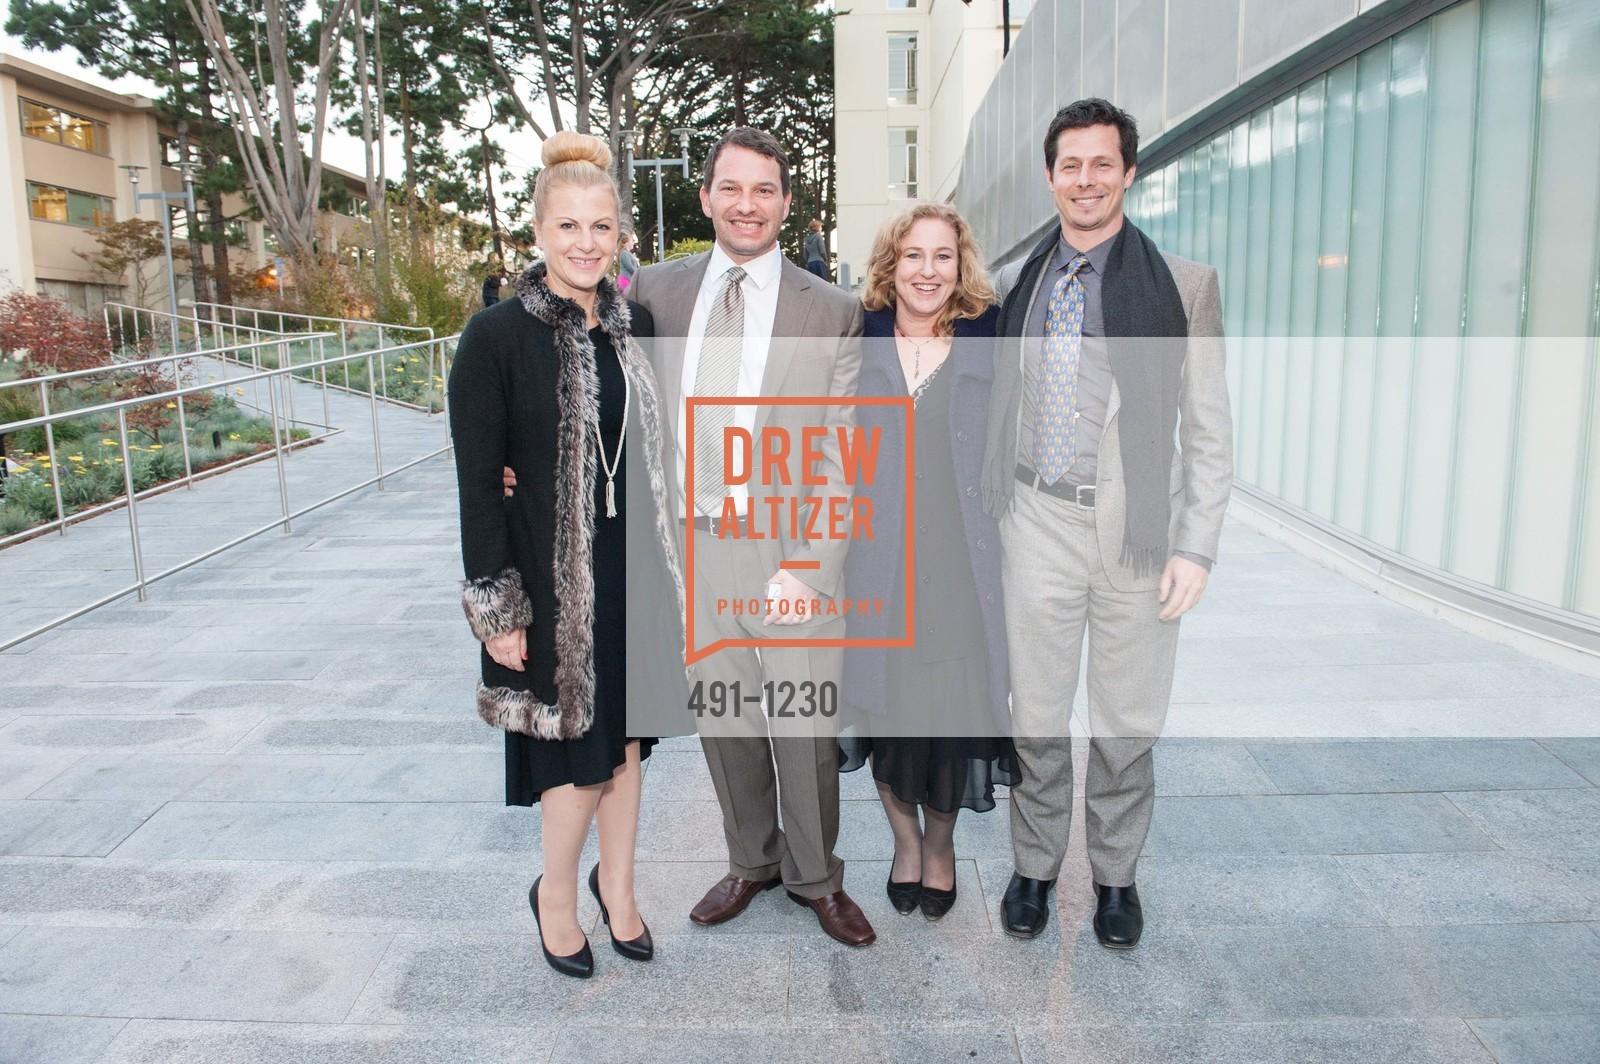 Alicia Kletter, Evan Kletter, Anisha Weber, Photo #491-1230